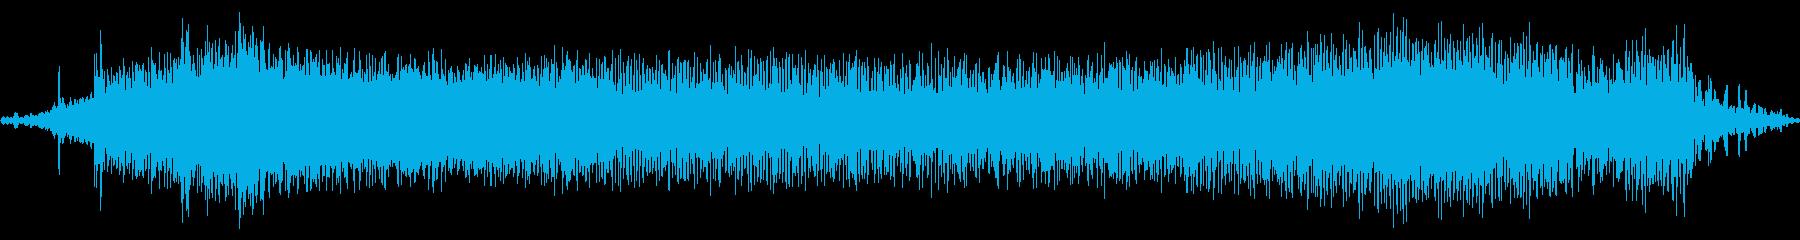 ロボットハイドロアームレッグ、サー...の再生済みの波形